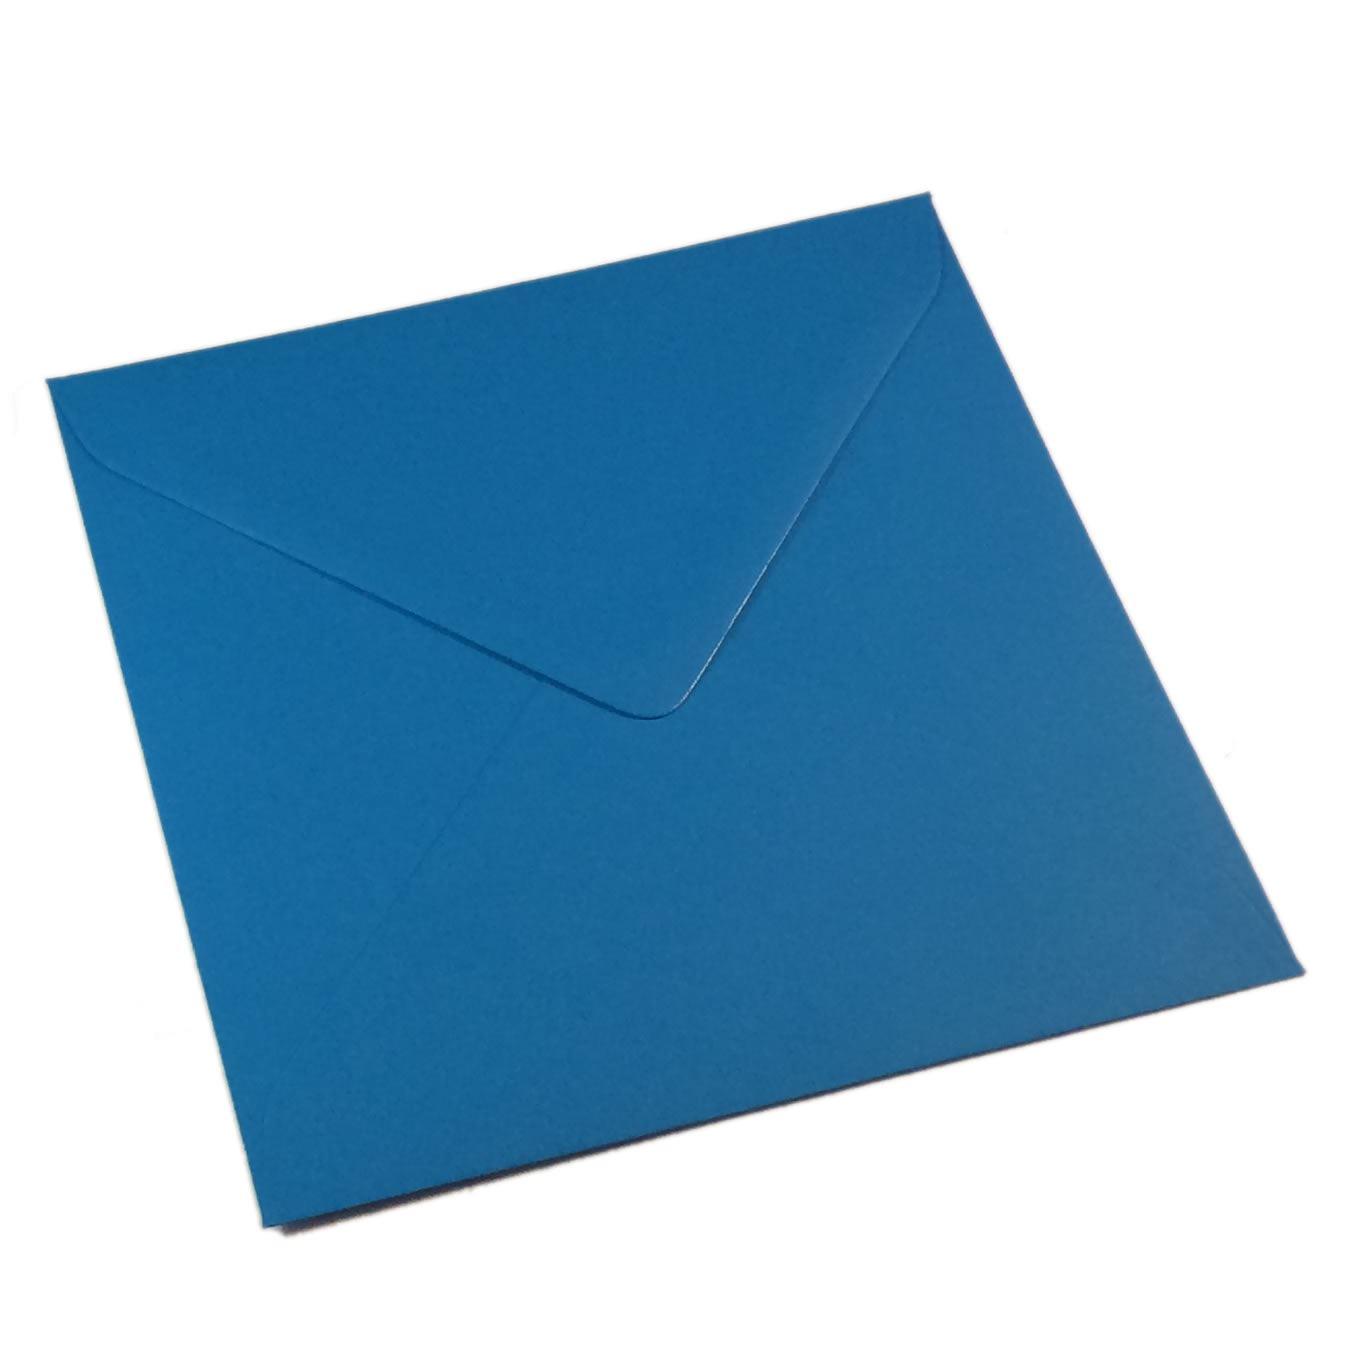 Kvadratiniai kingfisher blue